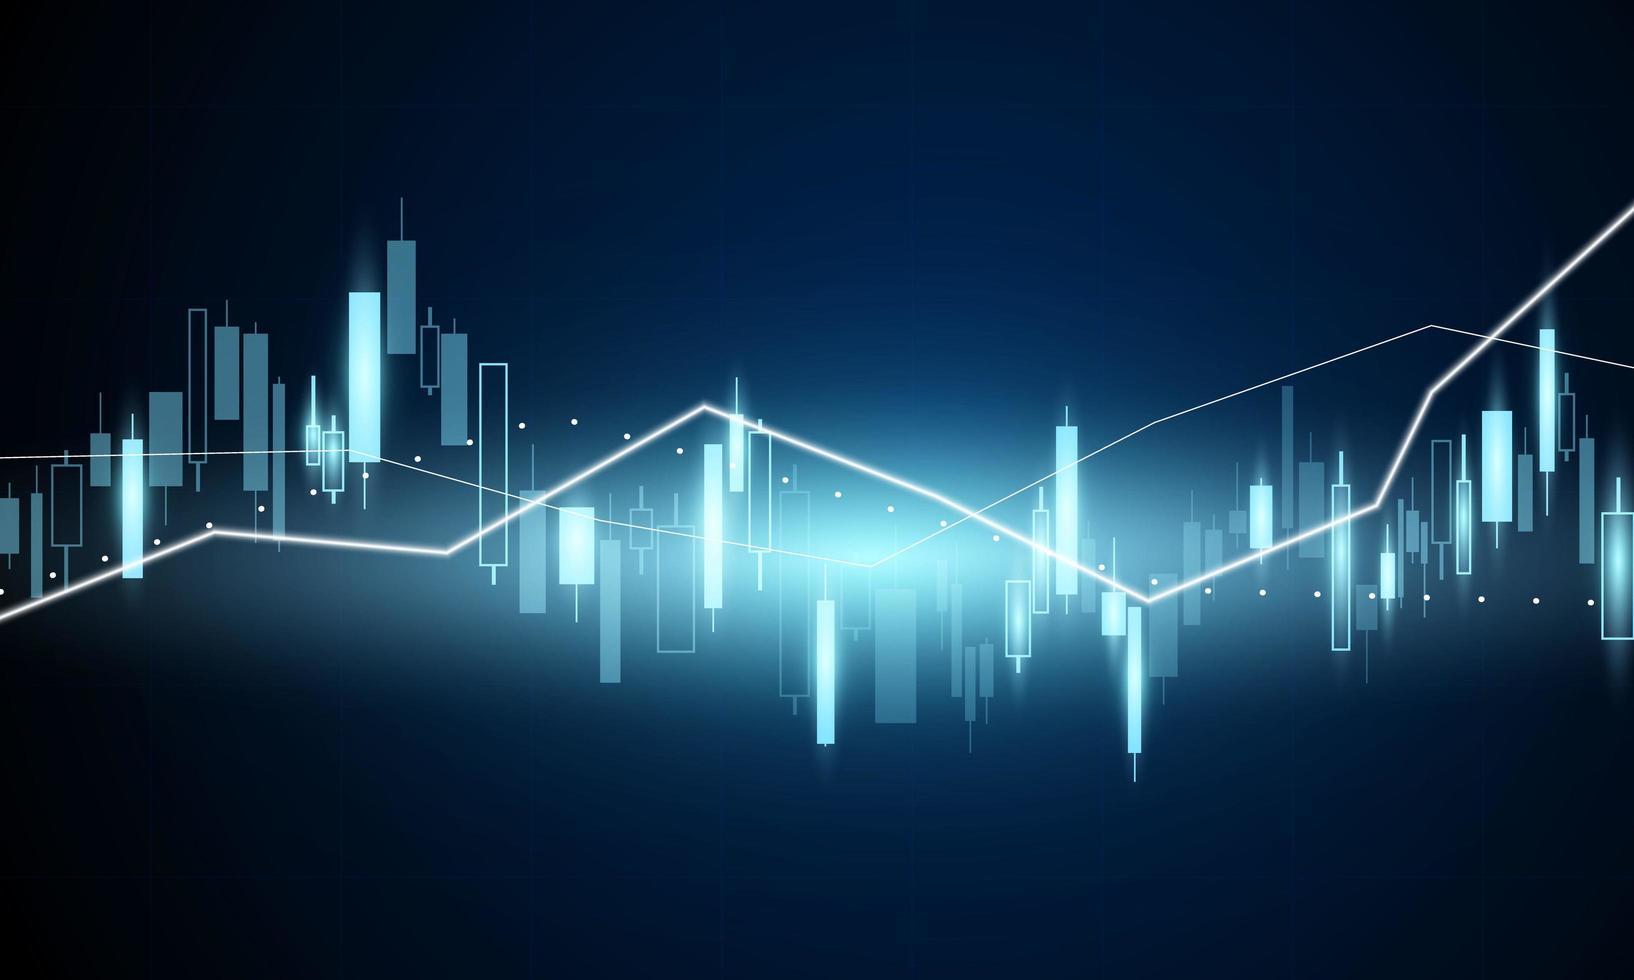 beursgrafiek voor financiële zaken vector